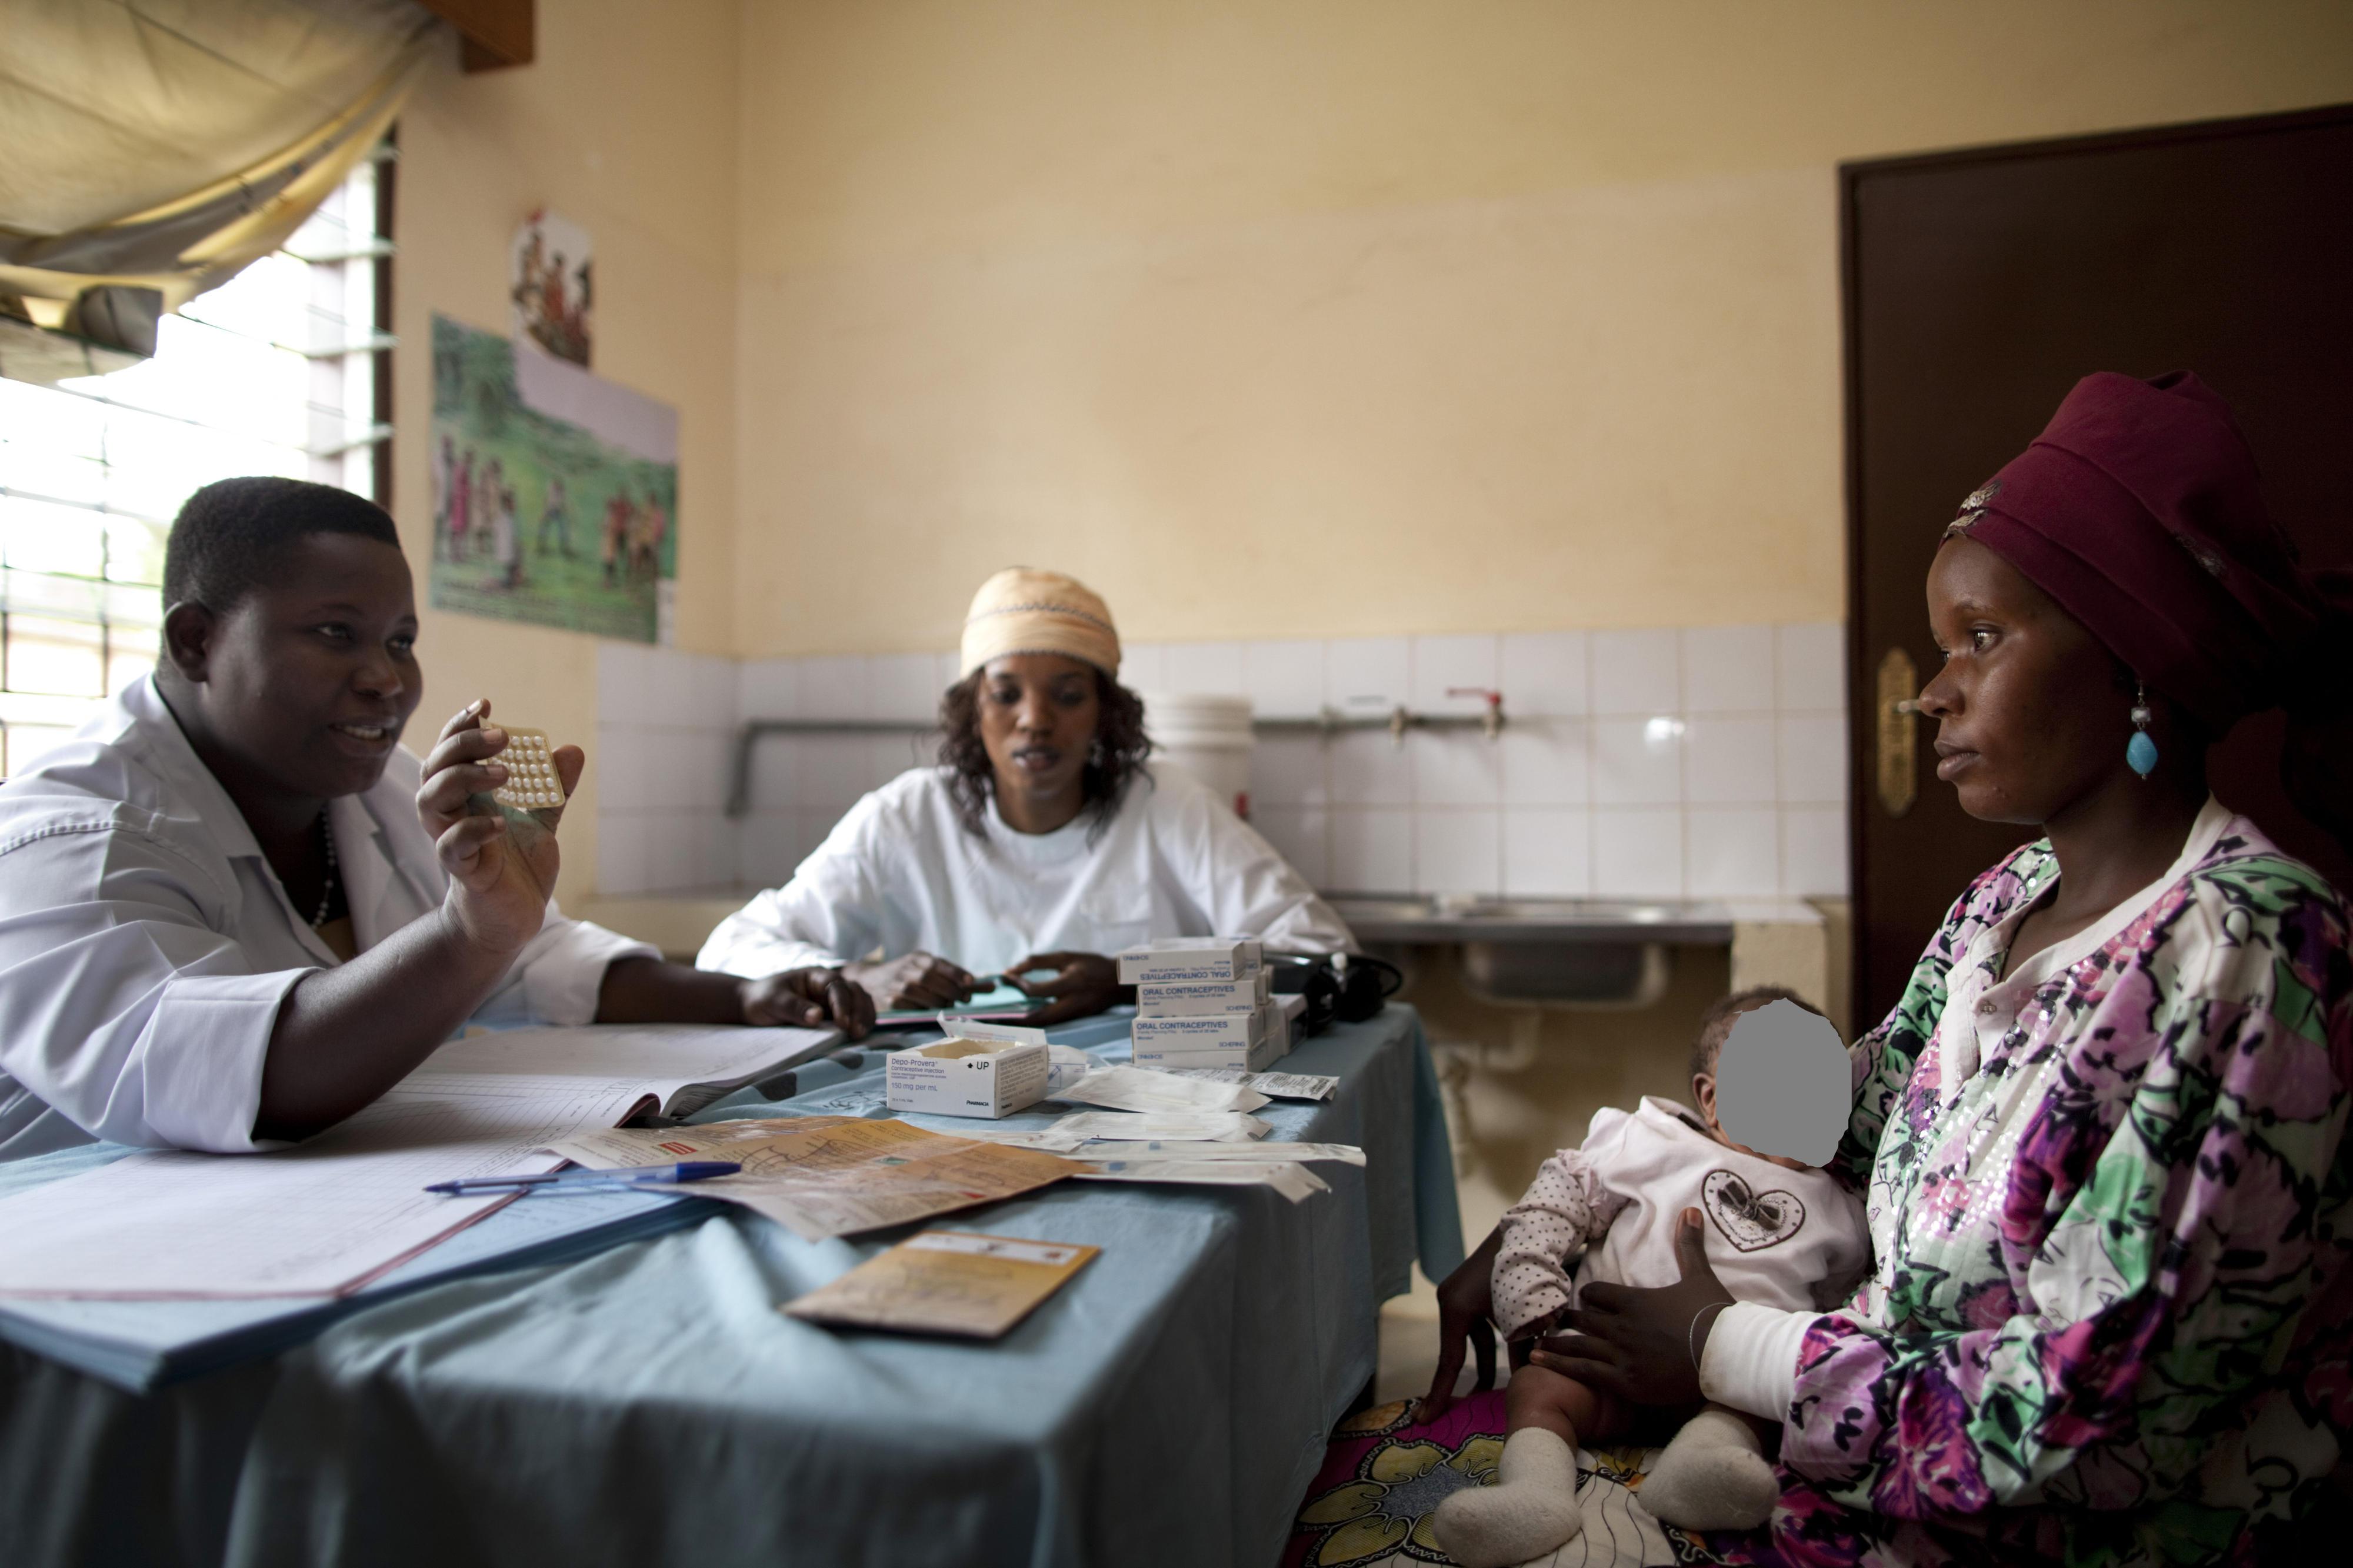 Beratung zum Thema Verhütungsmittel in einer Gesundheitsstation in Bujumbura, Burundi. Eine Frau mit einem Kind auf dem Schoß sitzt am Tisch. Ihr gegenüber sitzt eine Beraterin in einem weißen Kittel und zeigt ihr eine Tablettenpackung.